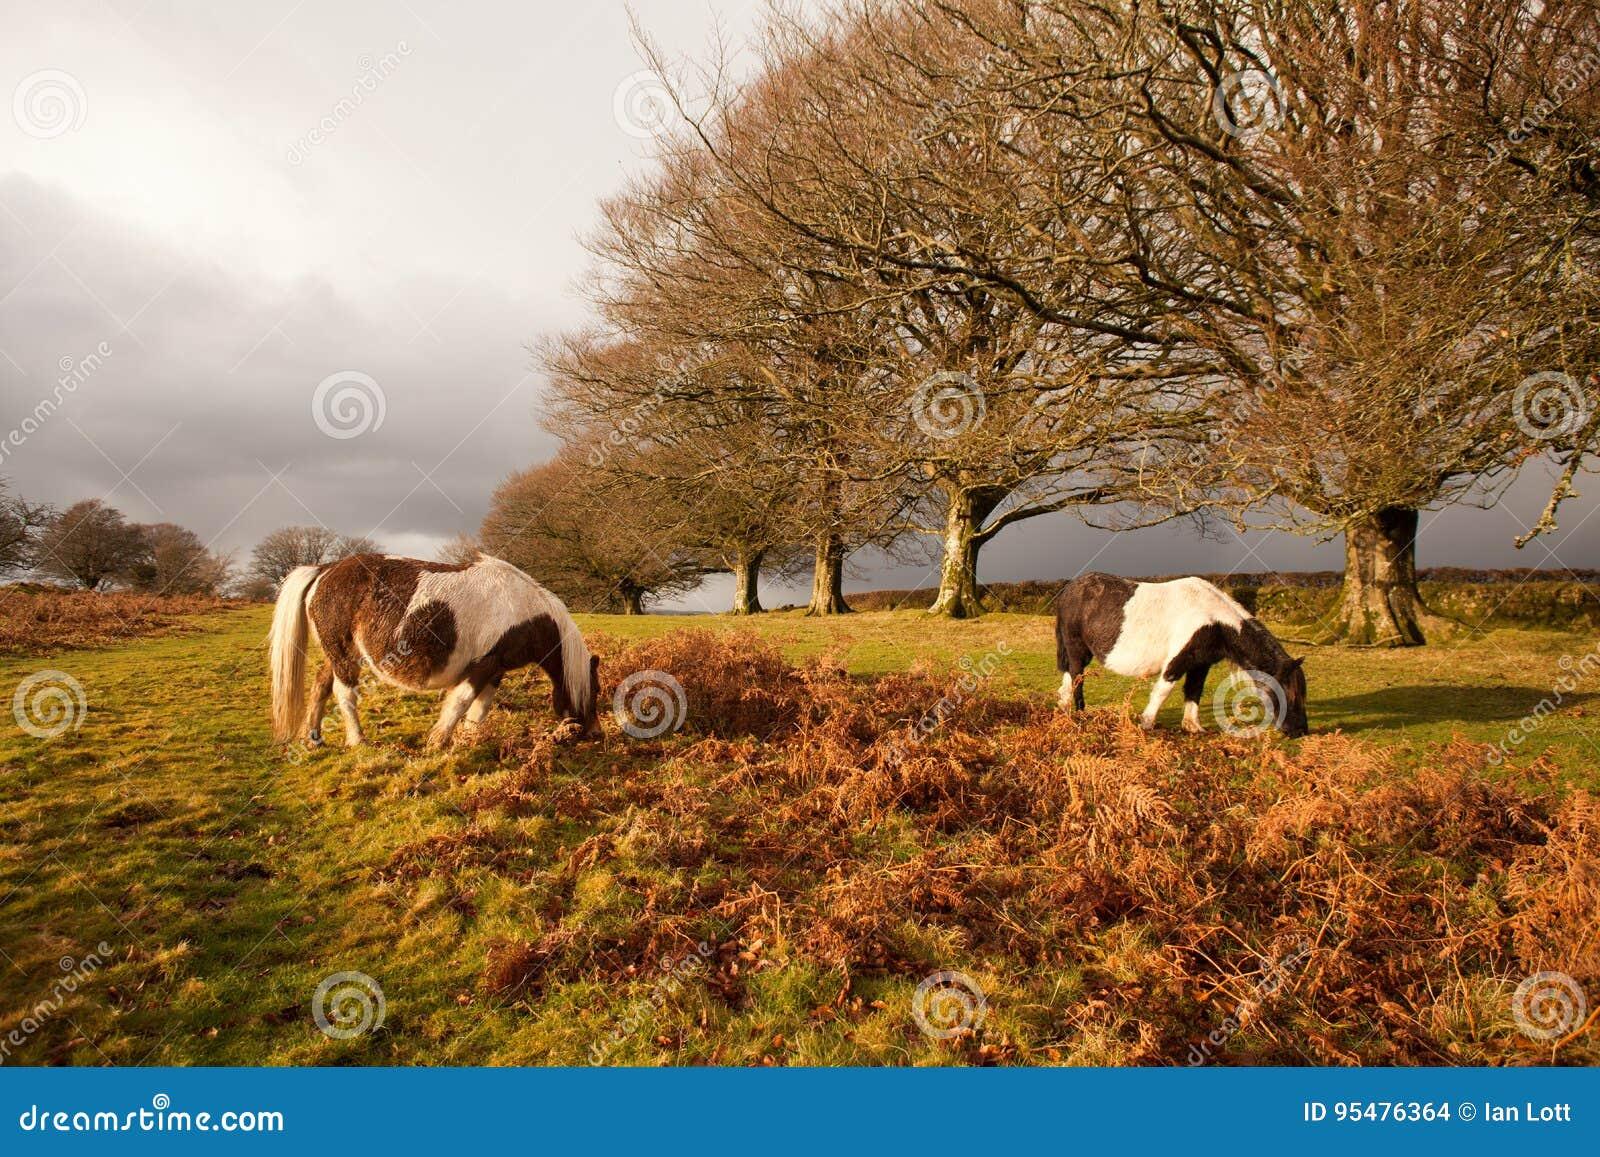 dartmoor wild ponies dartmoor national park devon